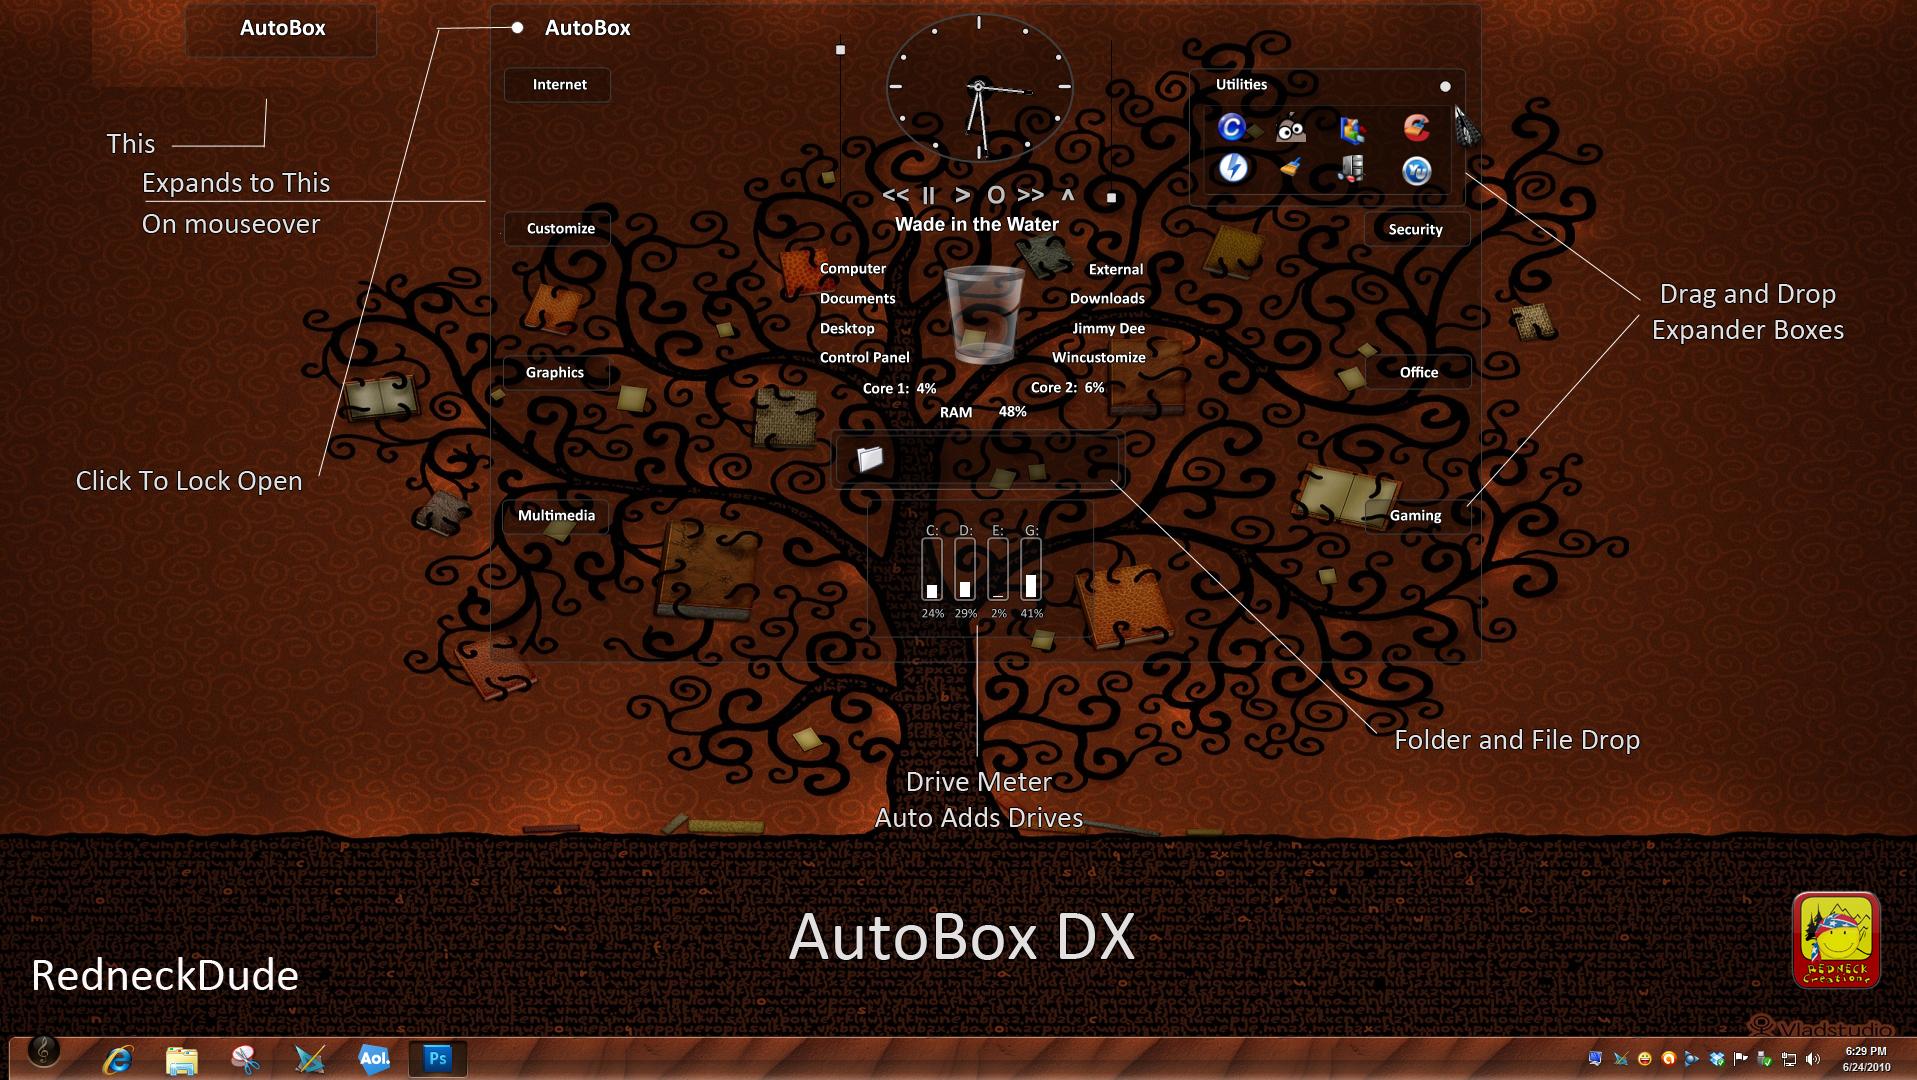 AutoBox DX